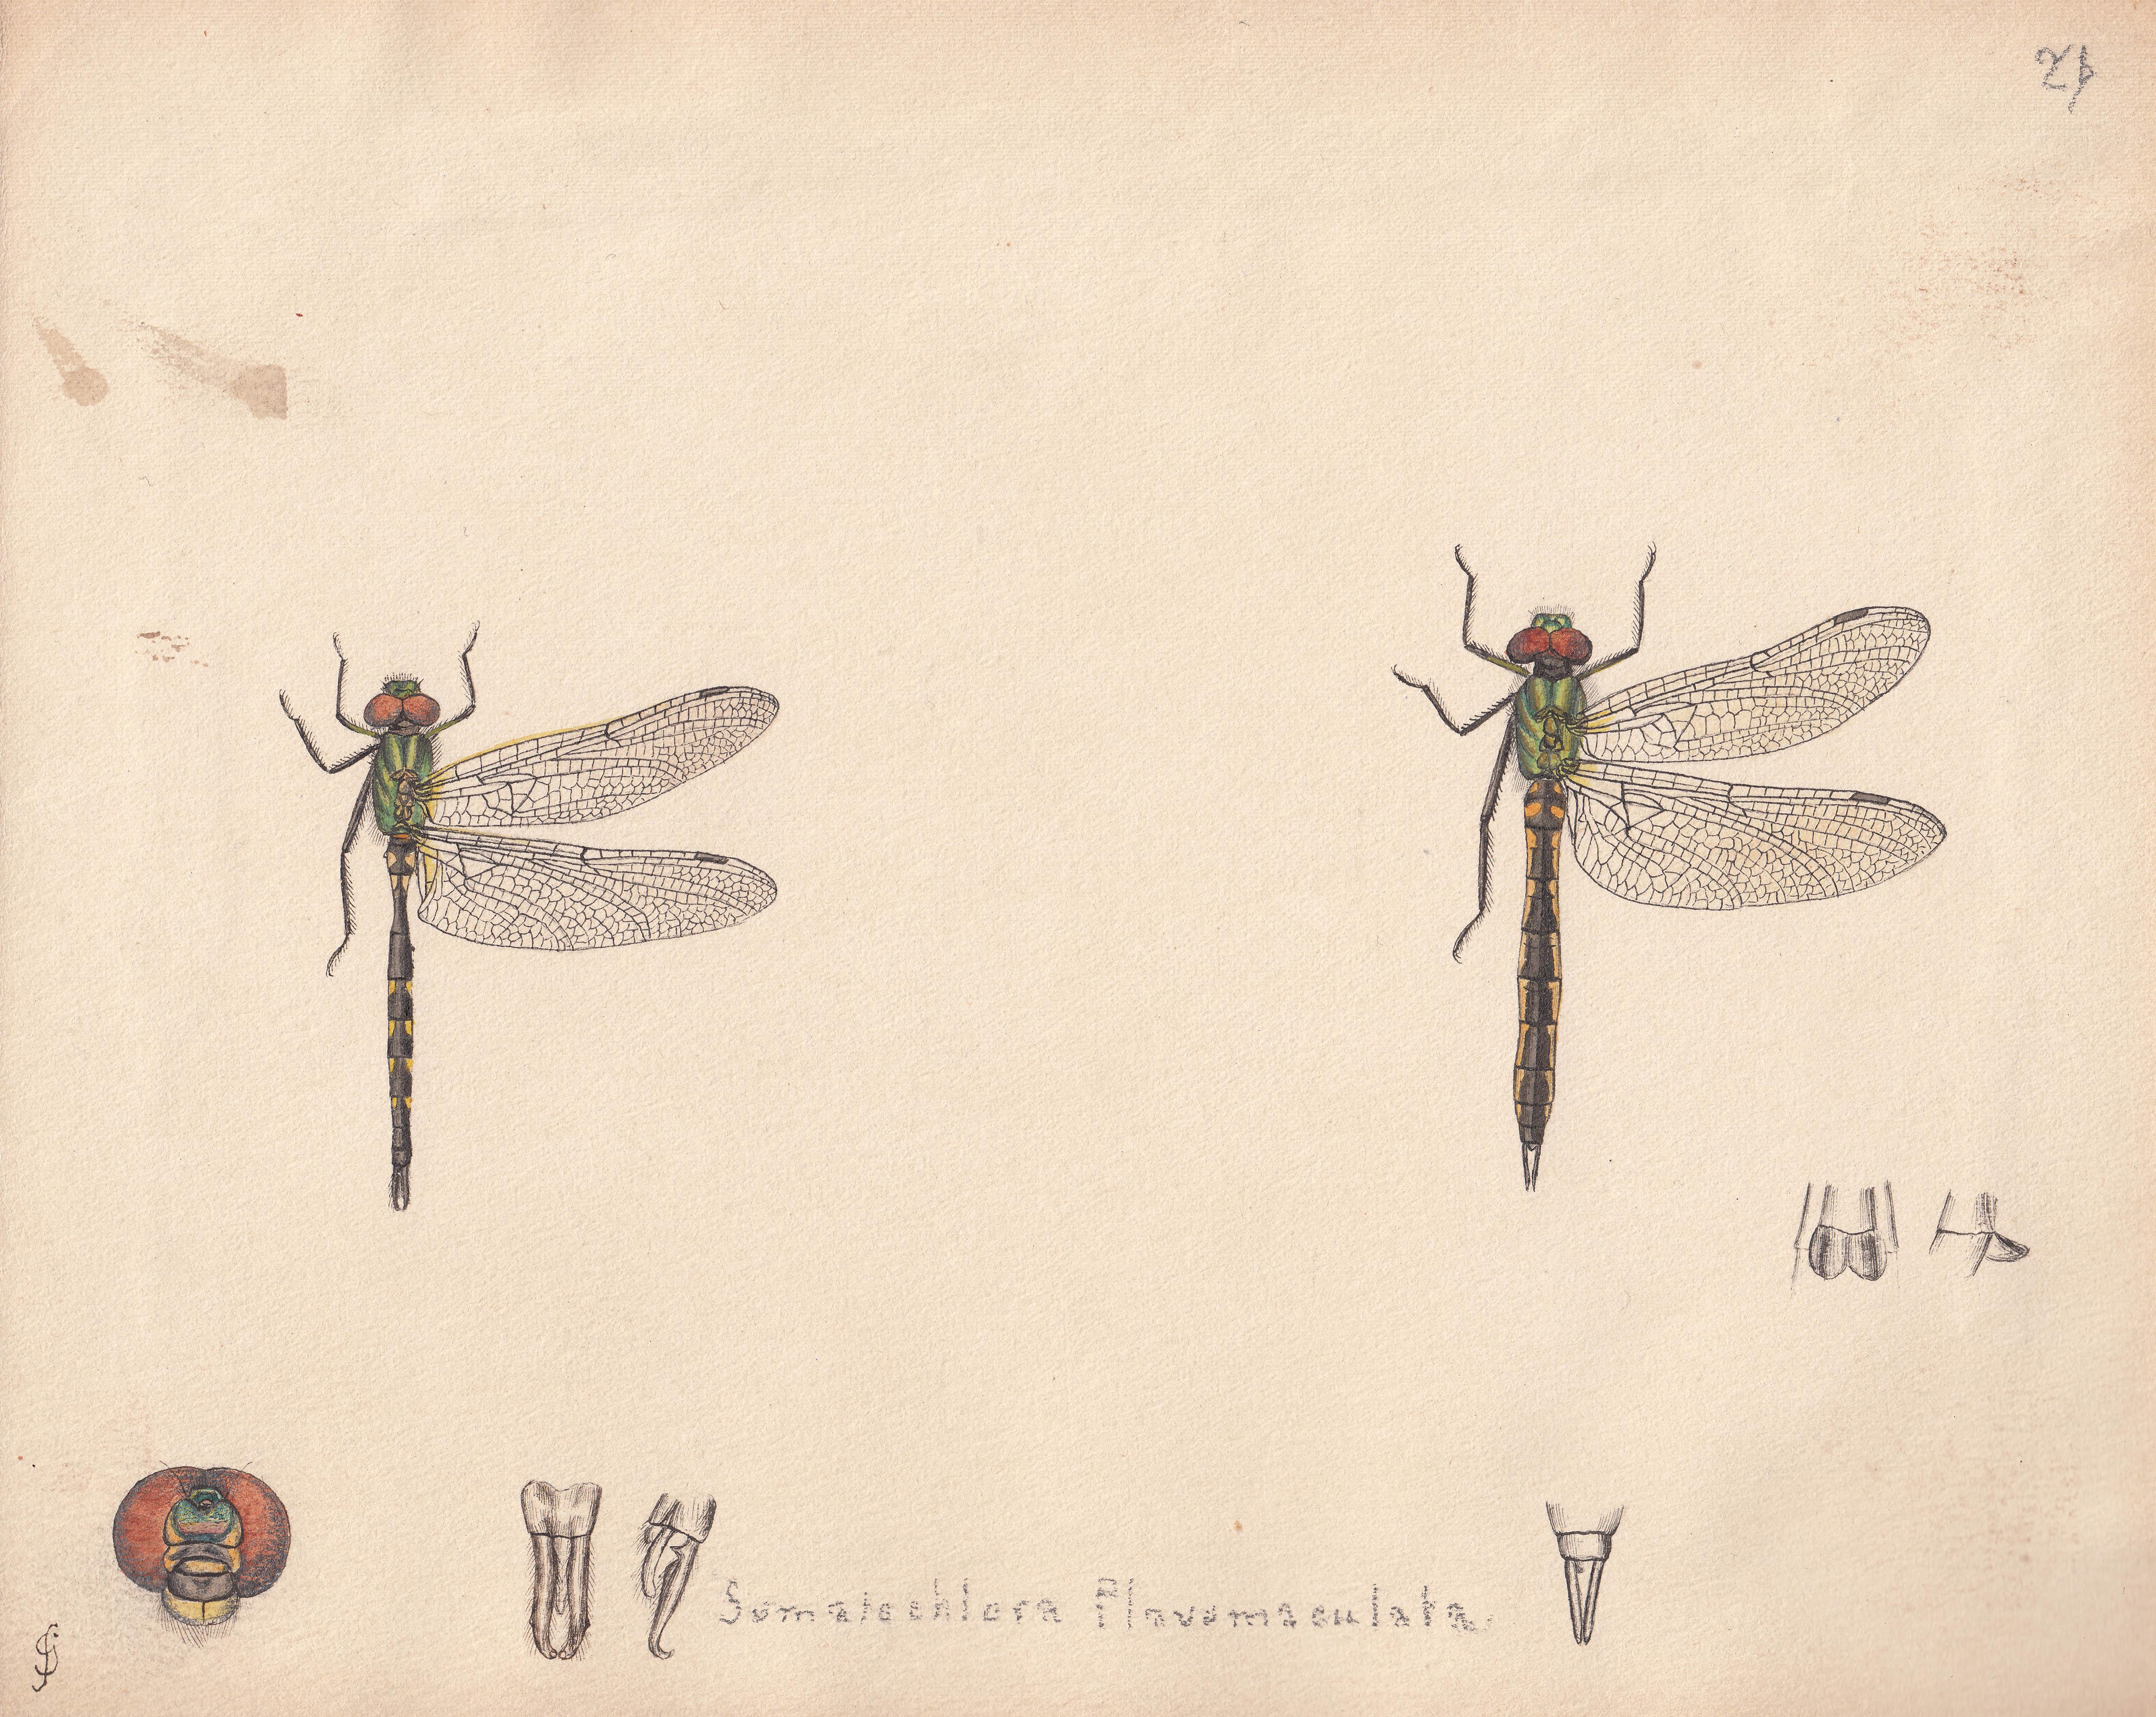 Somatochlora flavomaculata.jpg